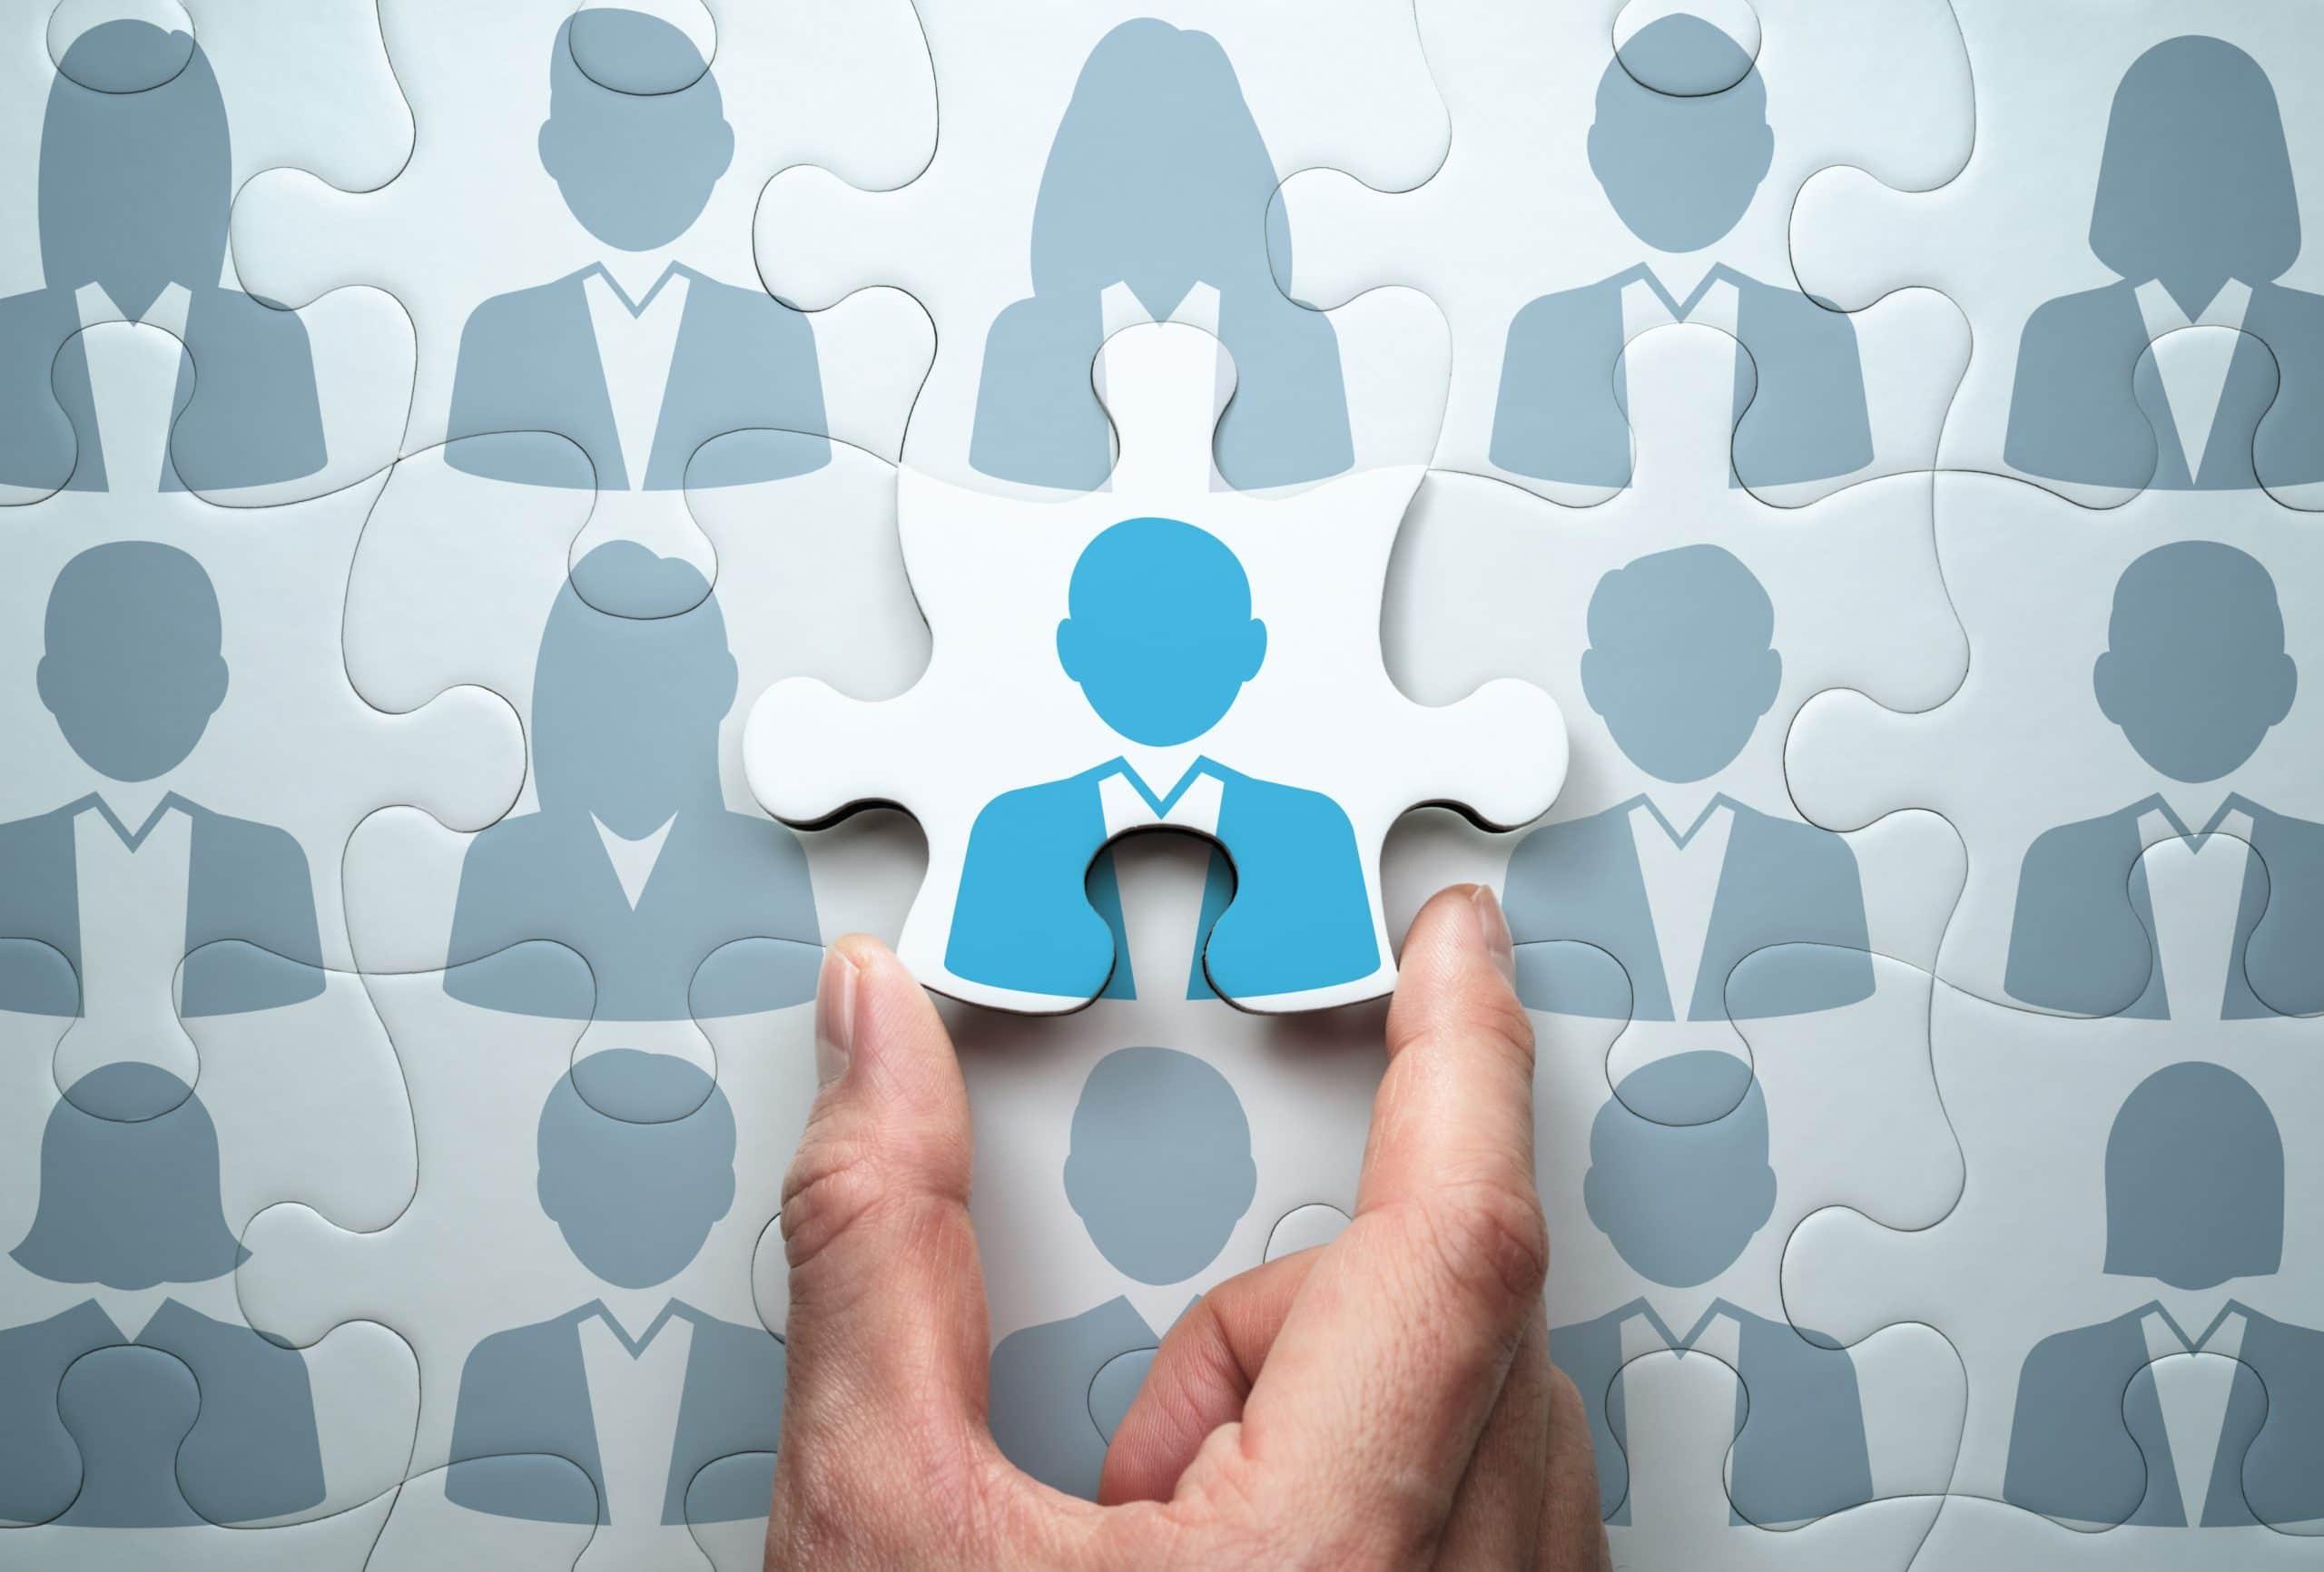 تست های شخصیت شناسی جهت استخدام